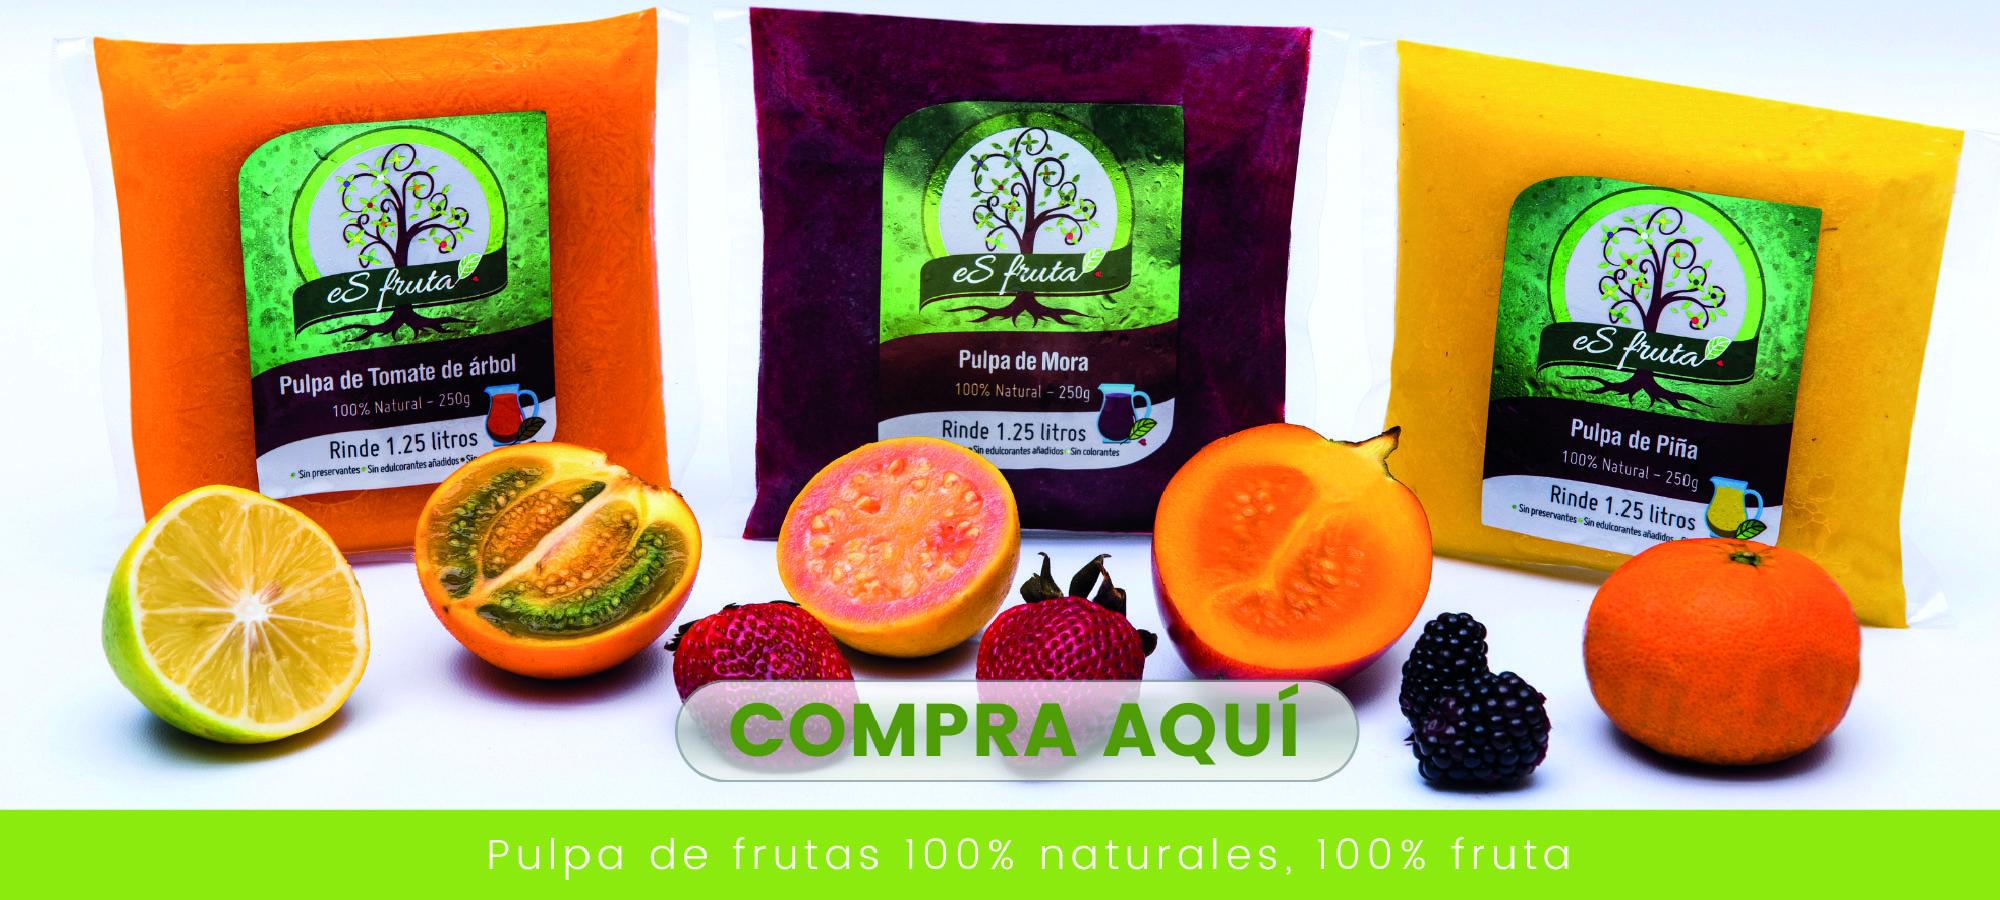 Pulpa de Fruta Natural  - Esfruta